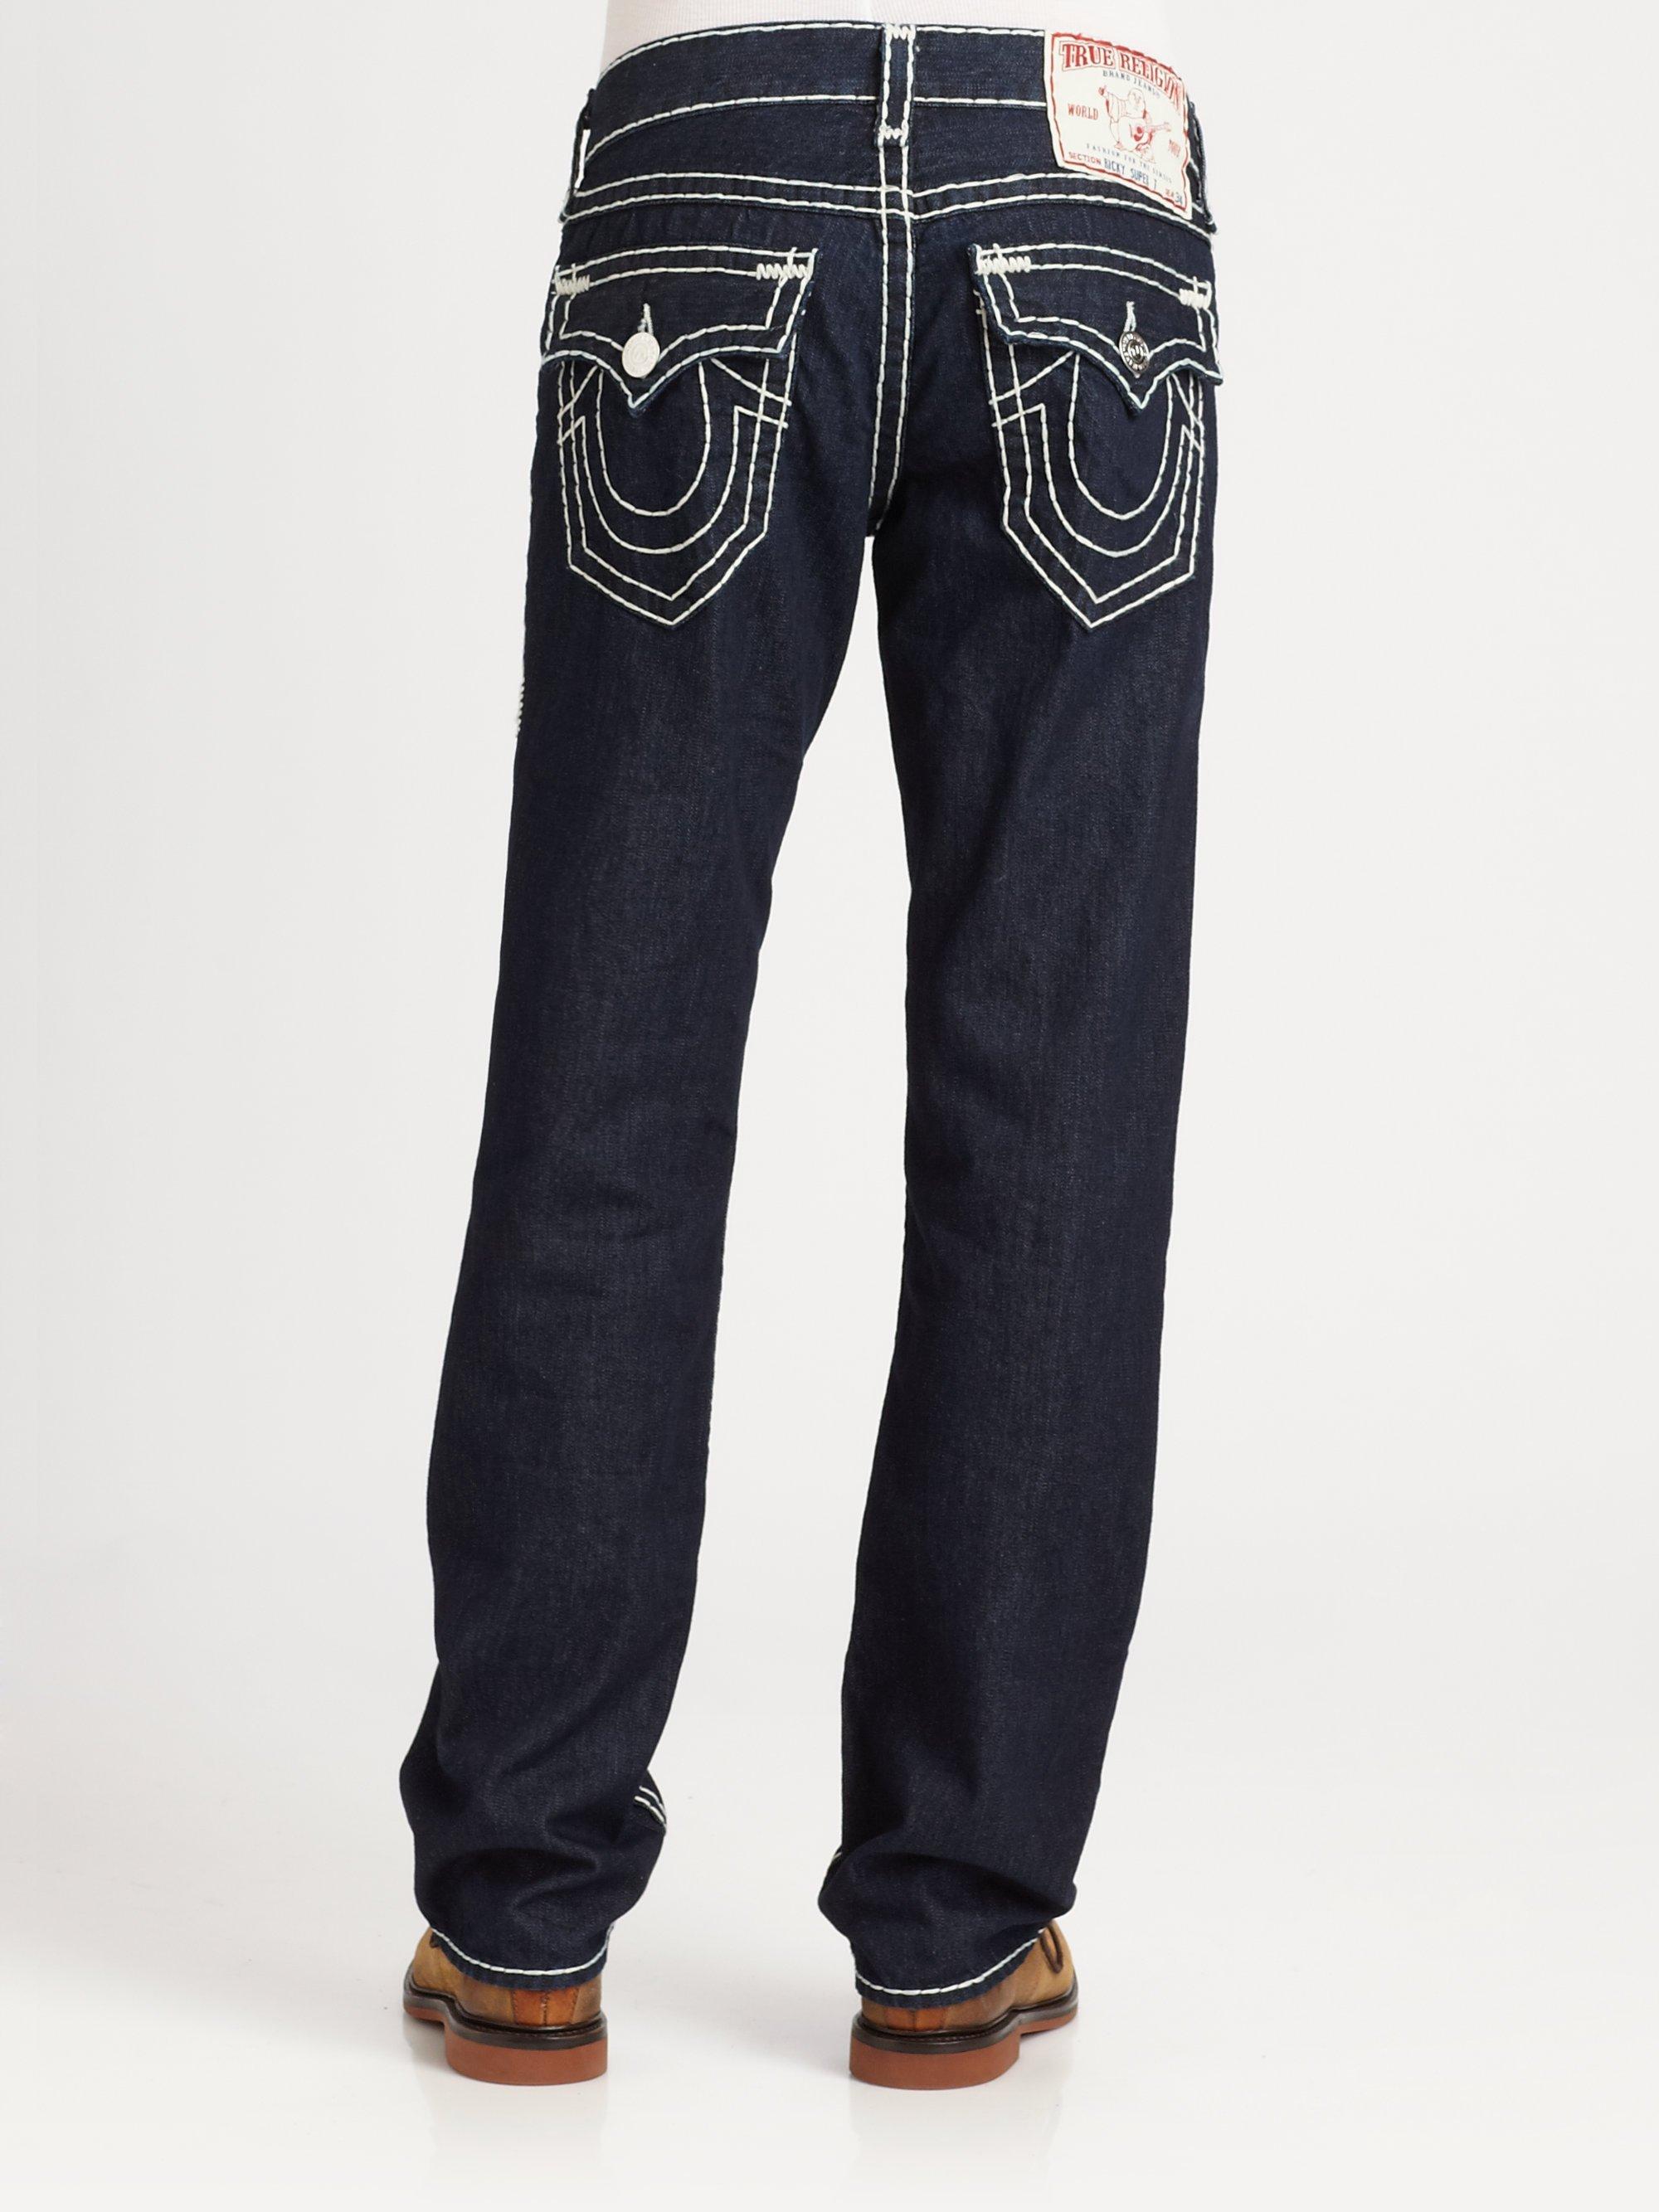 True religion Ricky Supert Jeans in Black for Men | Lyst